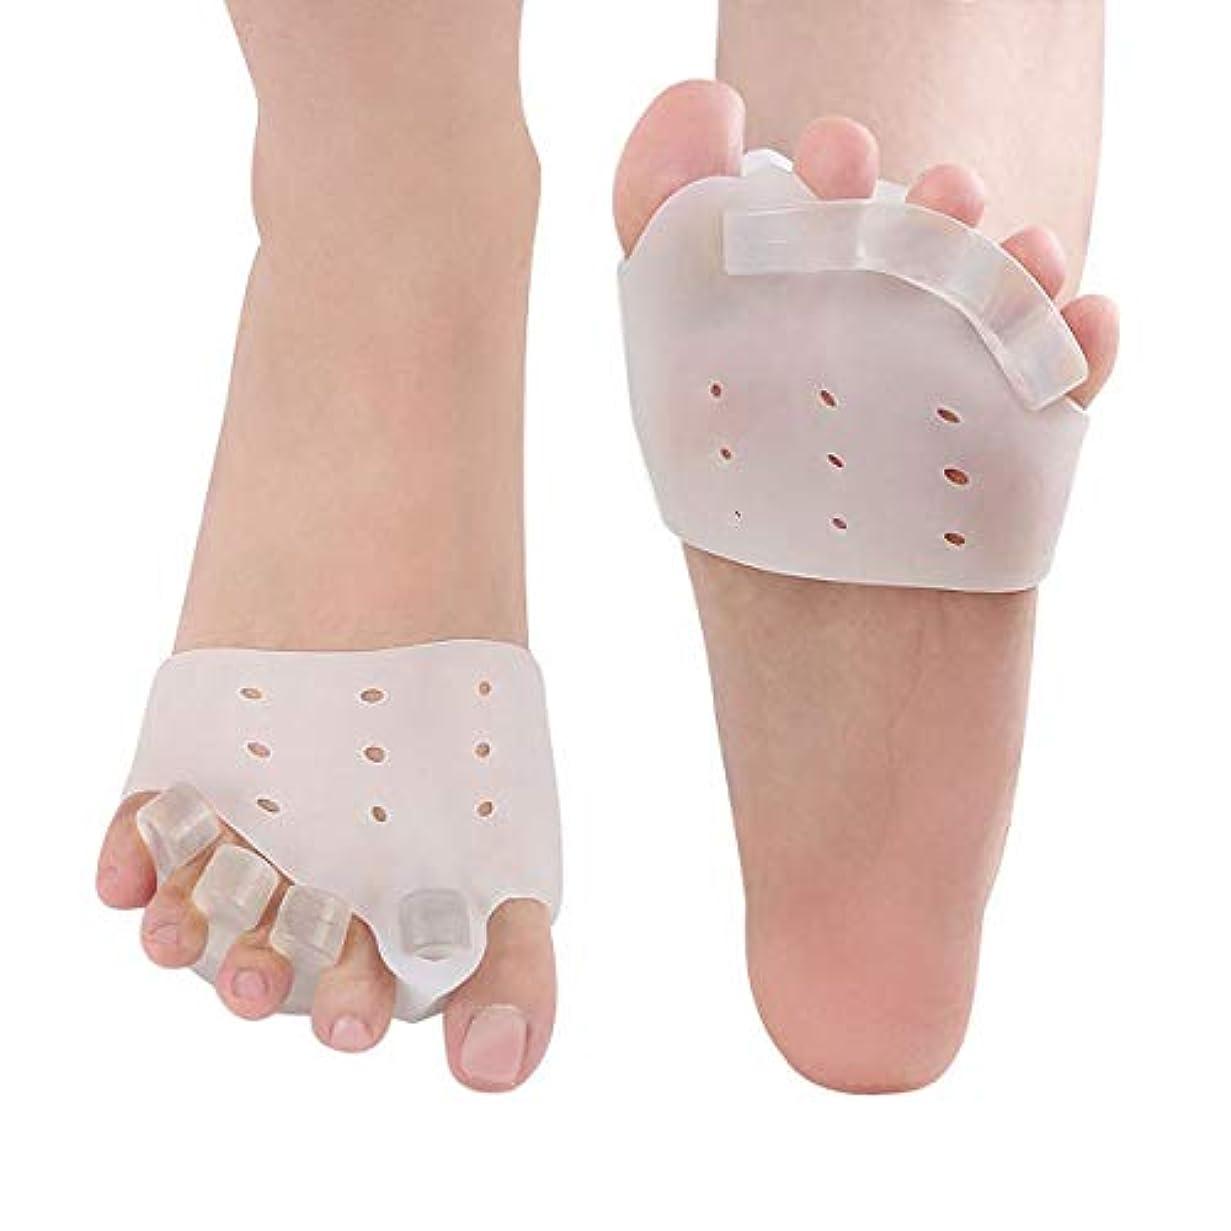 ケイ素真っ逆さま第五足指パッド セパレーター 矯正 足指を広げる 外反母趾矯正 内反小趾 サポーター 足指矯正パッド 足指分離 足指 シリコンパッド 足用保護パッド 足の痛みを軽減 男女兼用 左右兼用 (左右セット)